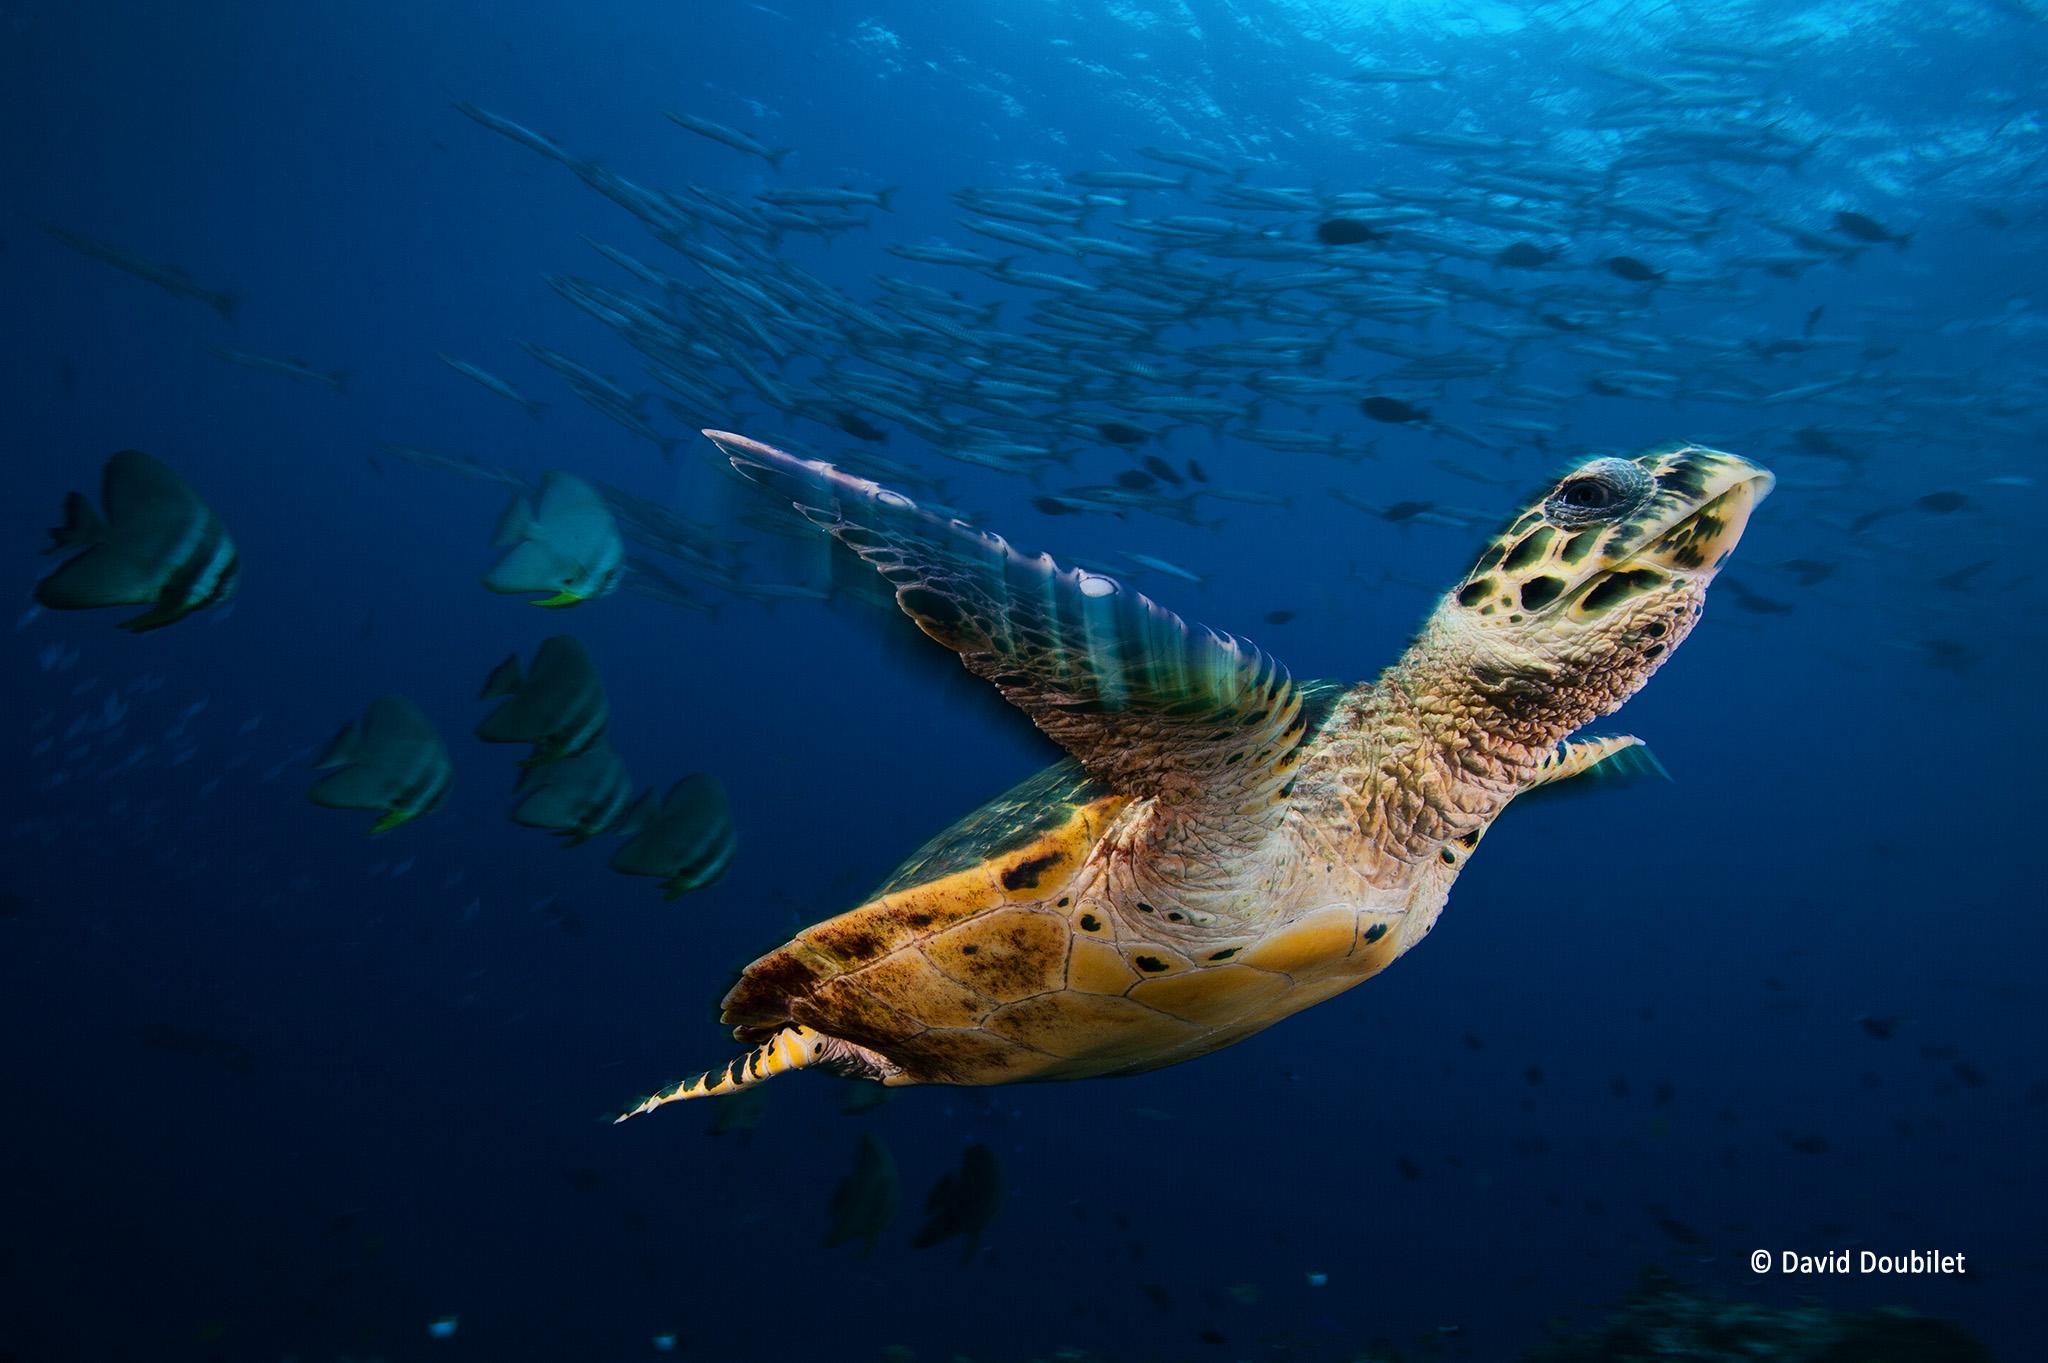 Tortue imbriquée qui s'envole. Une tortue imbriquée (Eretmochelys imbricata) s'envole dans une mer animée dans la baie de Kimbe, en Papouasie-Nouvelle-Guinée. Cette tortue marine nous a accueillis sous le bateau à chaque plongée et elle est restée avec notre équipe jusqu'à ce que nous manquions d'air. Face à sa curiosité et son absence de peur, nous nous sommes inquiétés pour sa sécurité. Nous l'avons quittée en espérant qu'elle ne rencontre pas de bateau de pêche et qu'elle ne soit pas capturée.